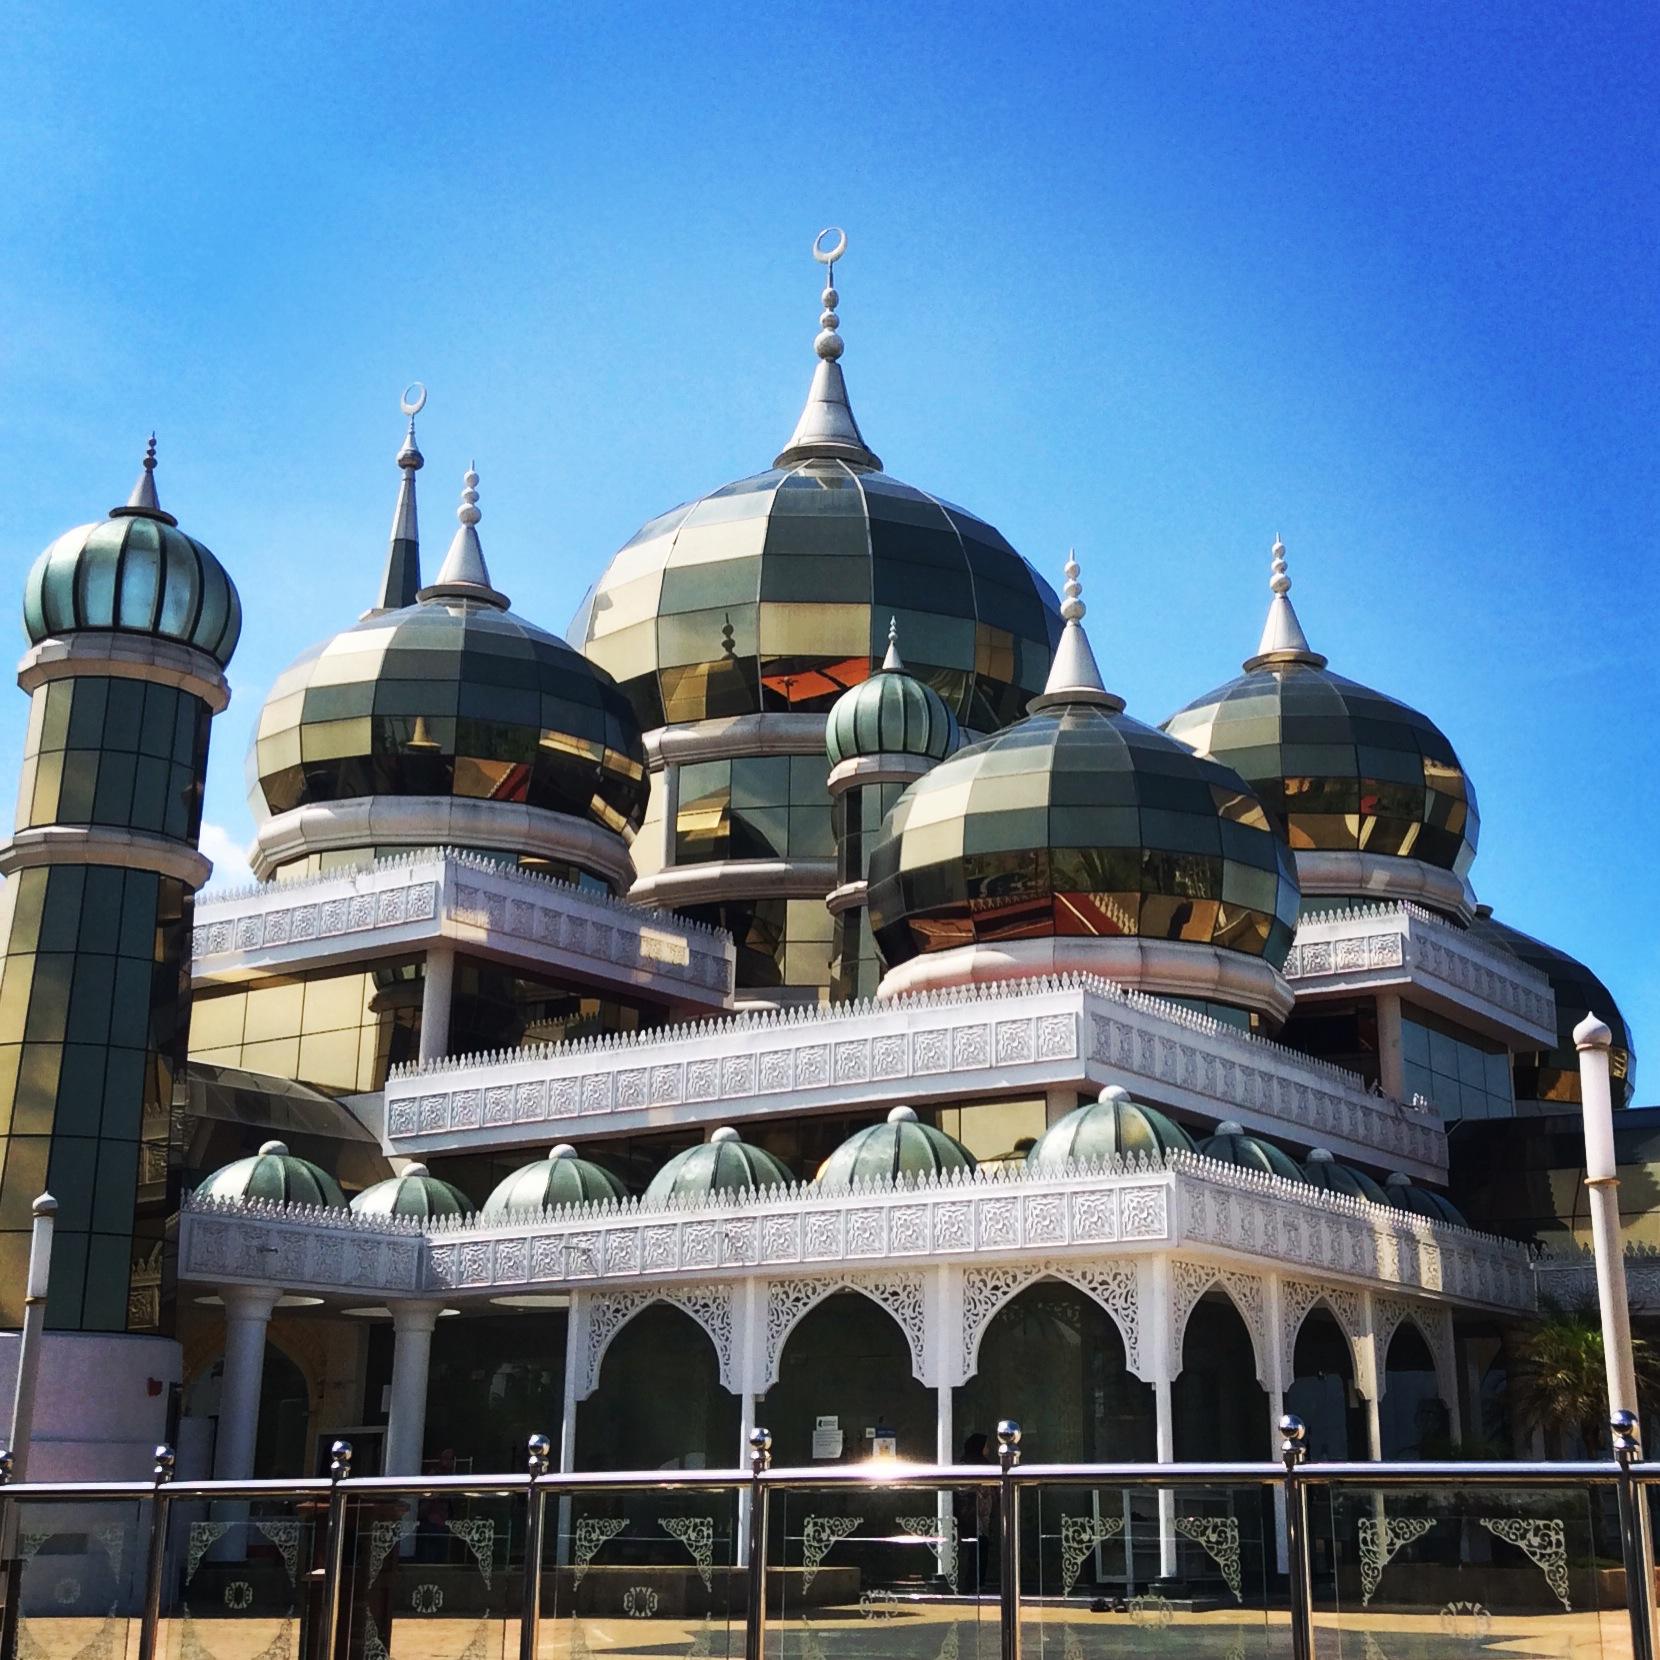 tamadun islam Islam merupakan agama yang mudah difahami oleh segenap lapisan masyarakat tidak kira tua, muda dan warna kulit islam telah melahirkan antara tamadun manusia yang terunggul di dunia.